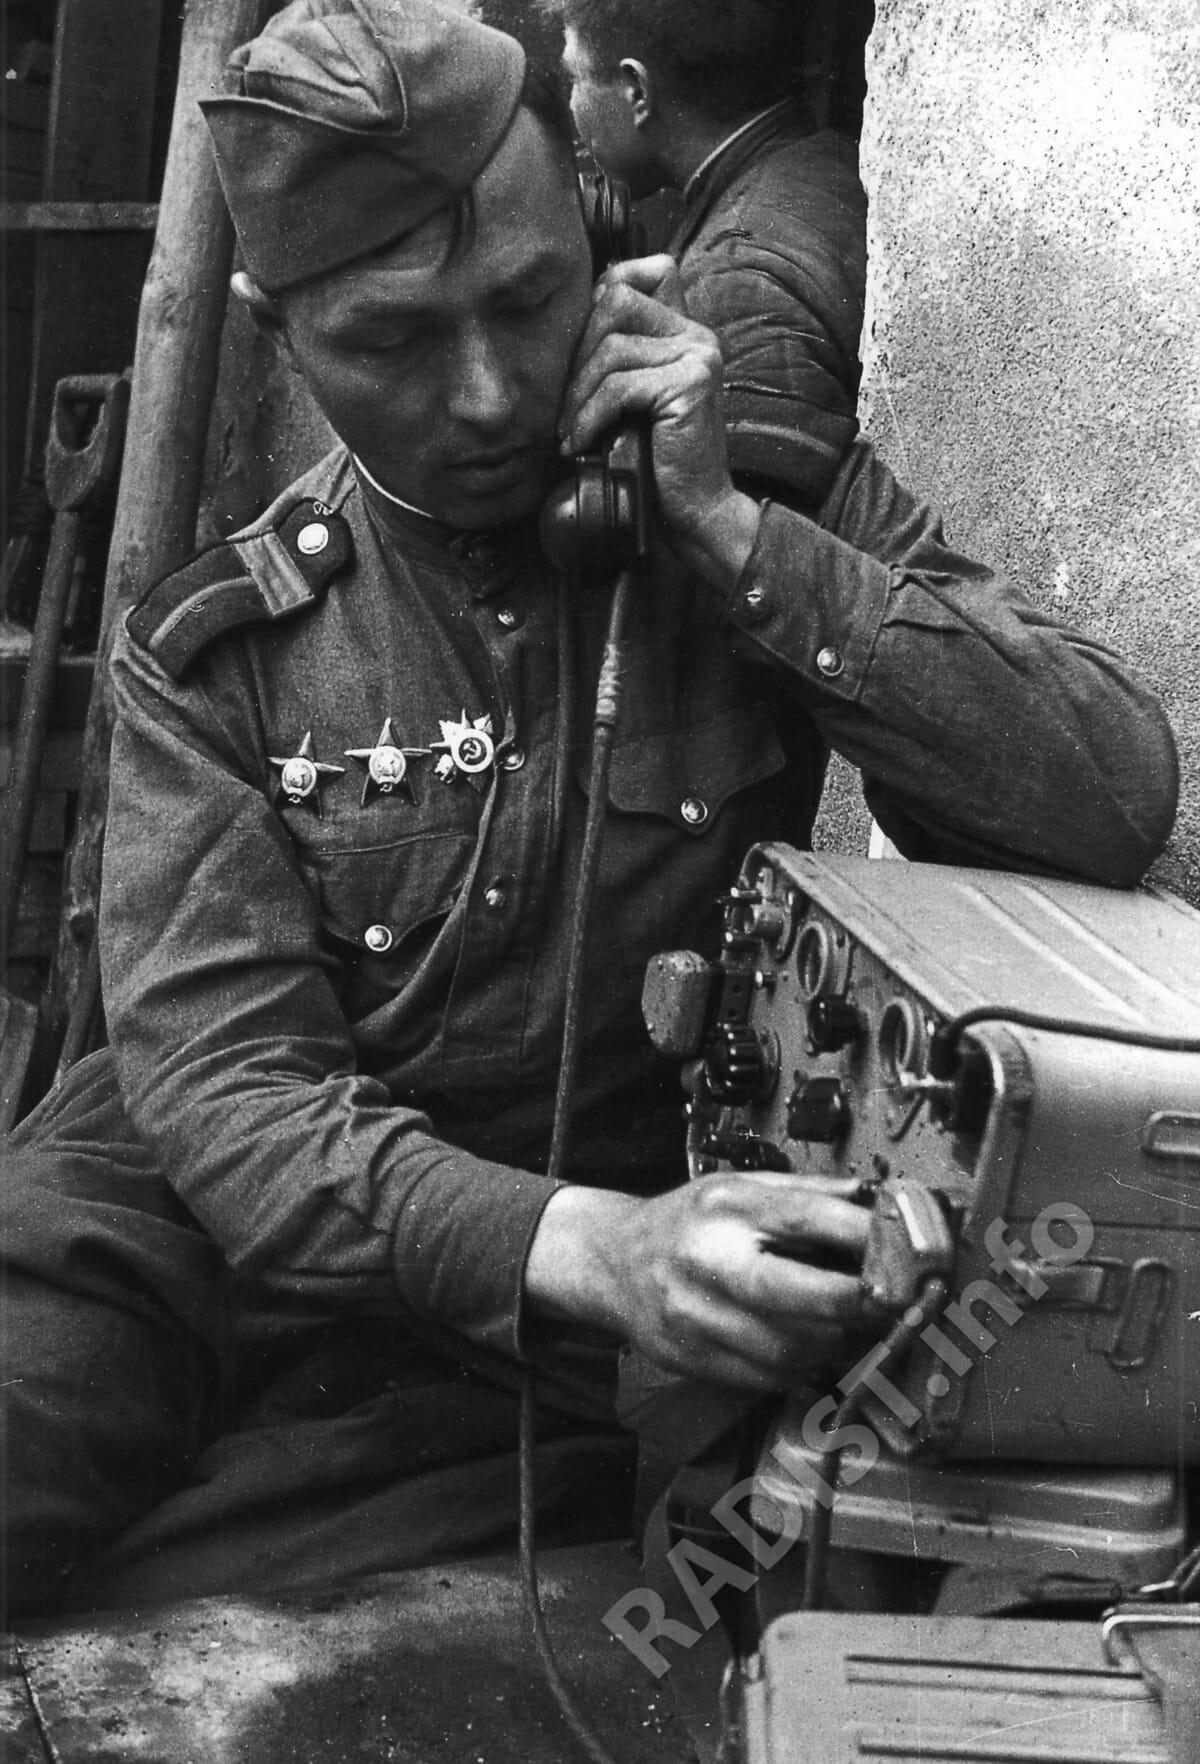 Советский старшина-связист у рации РБ-М во время боев в Берлине, 1945 г.